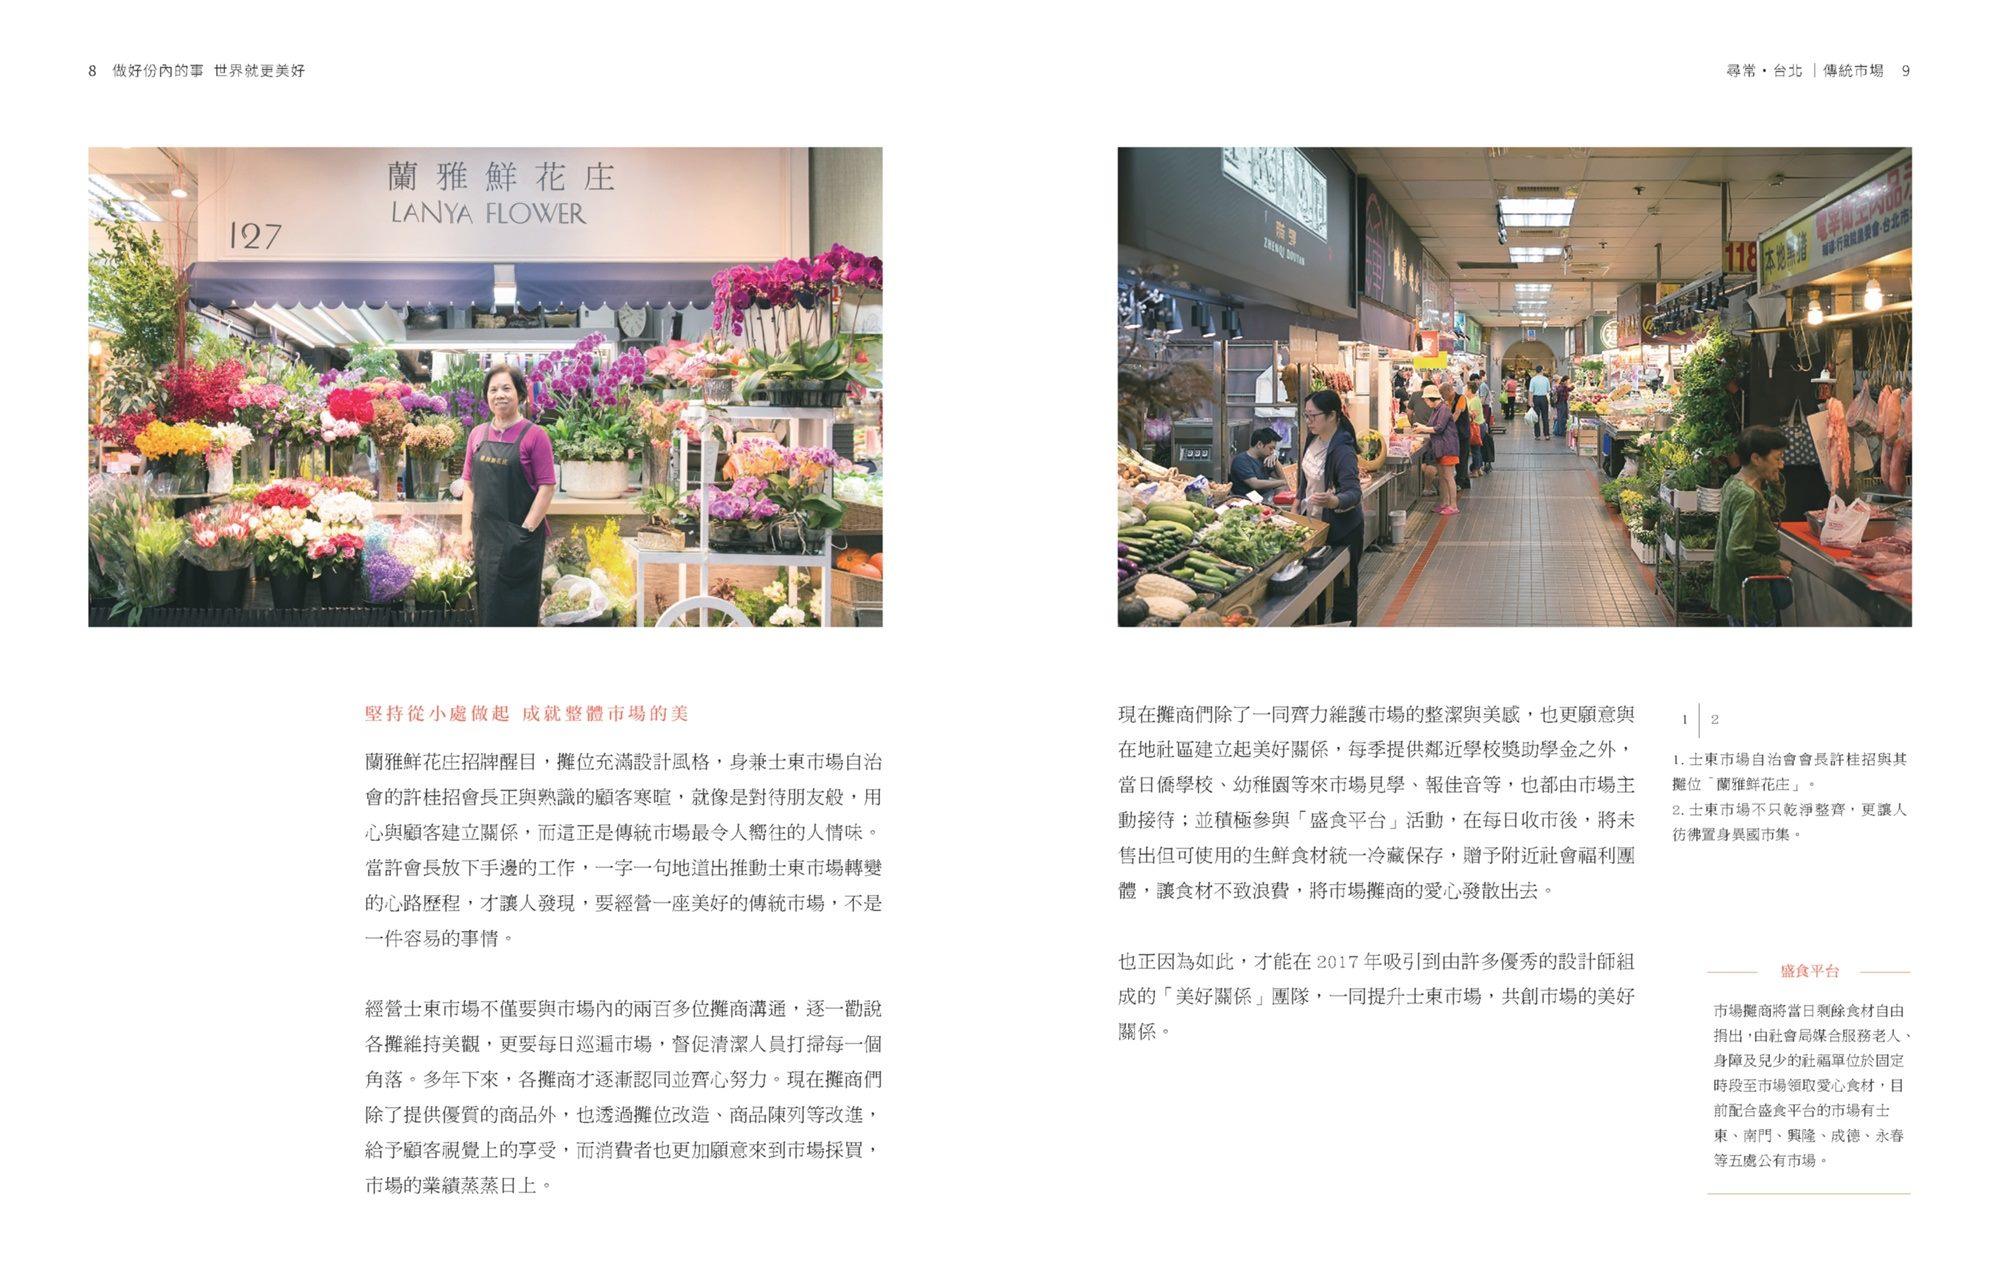 傳統市場-內頁縮圖1